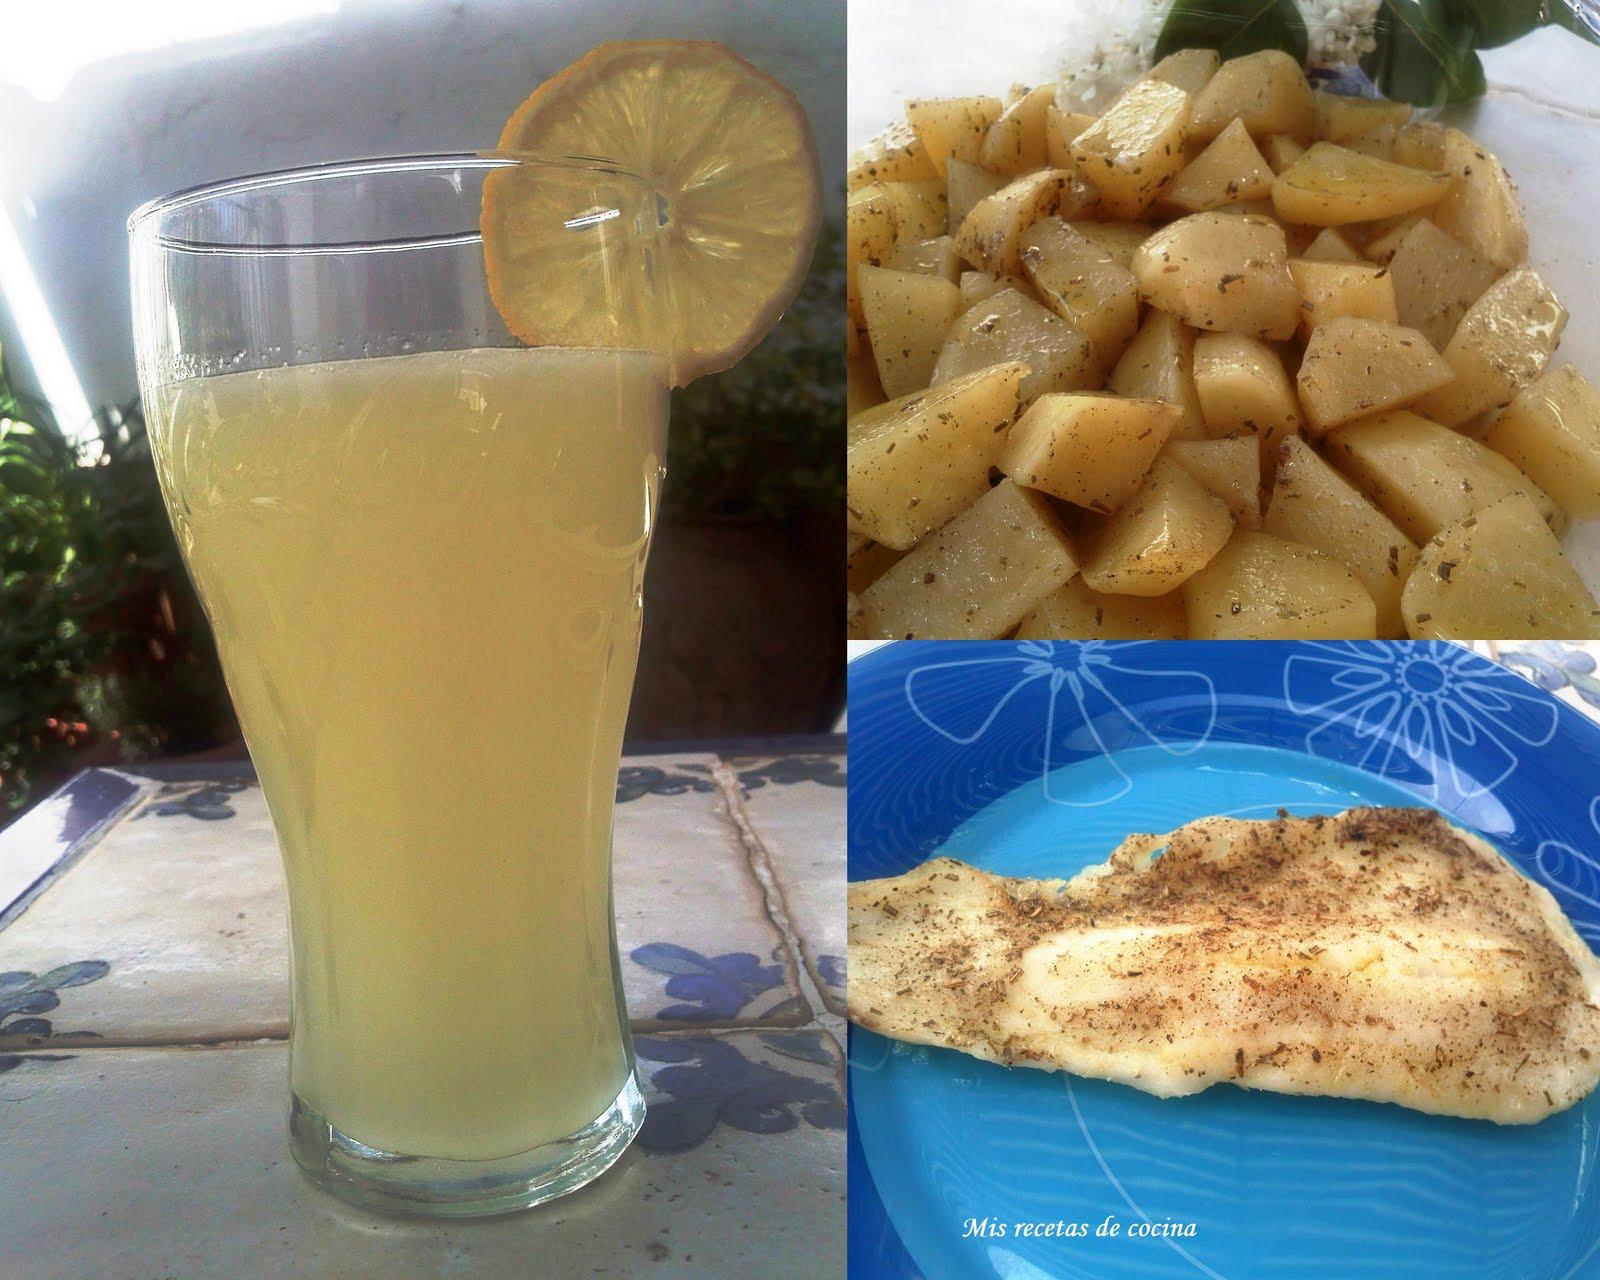 Mis recetas de cocina pescado patatas al microondas con - Pescado al microondas facil ...